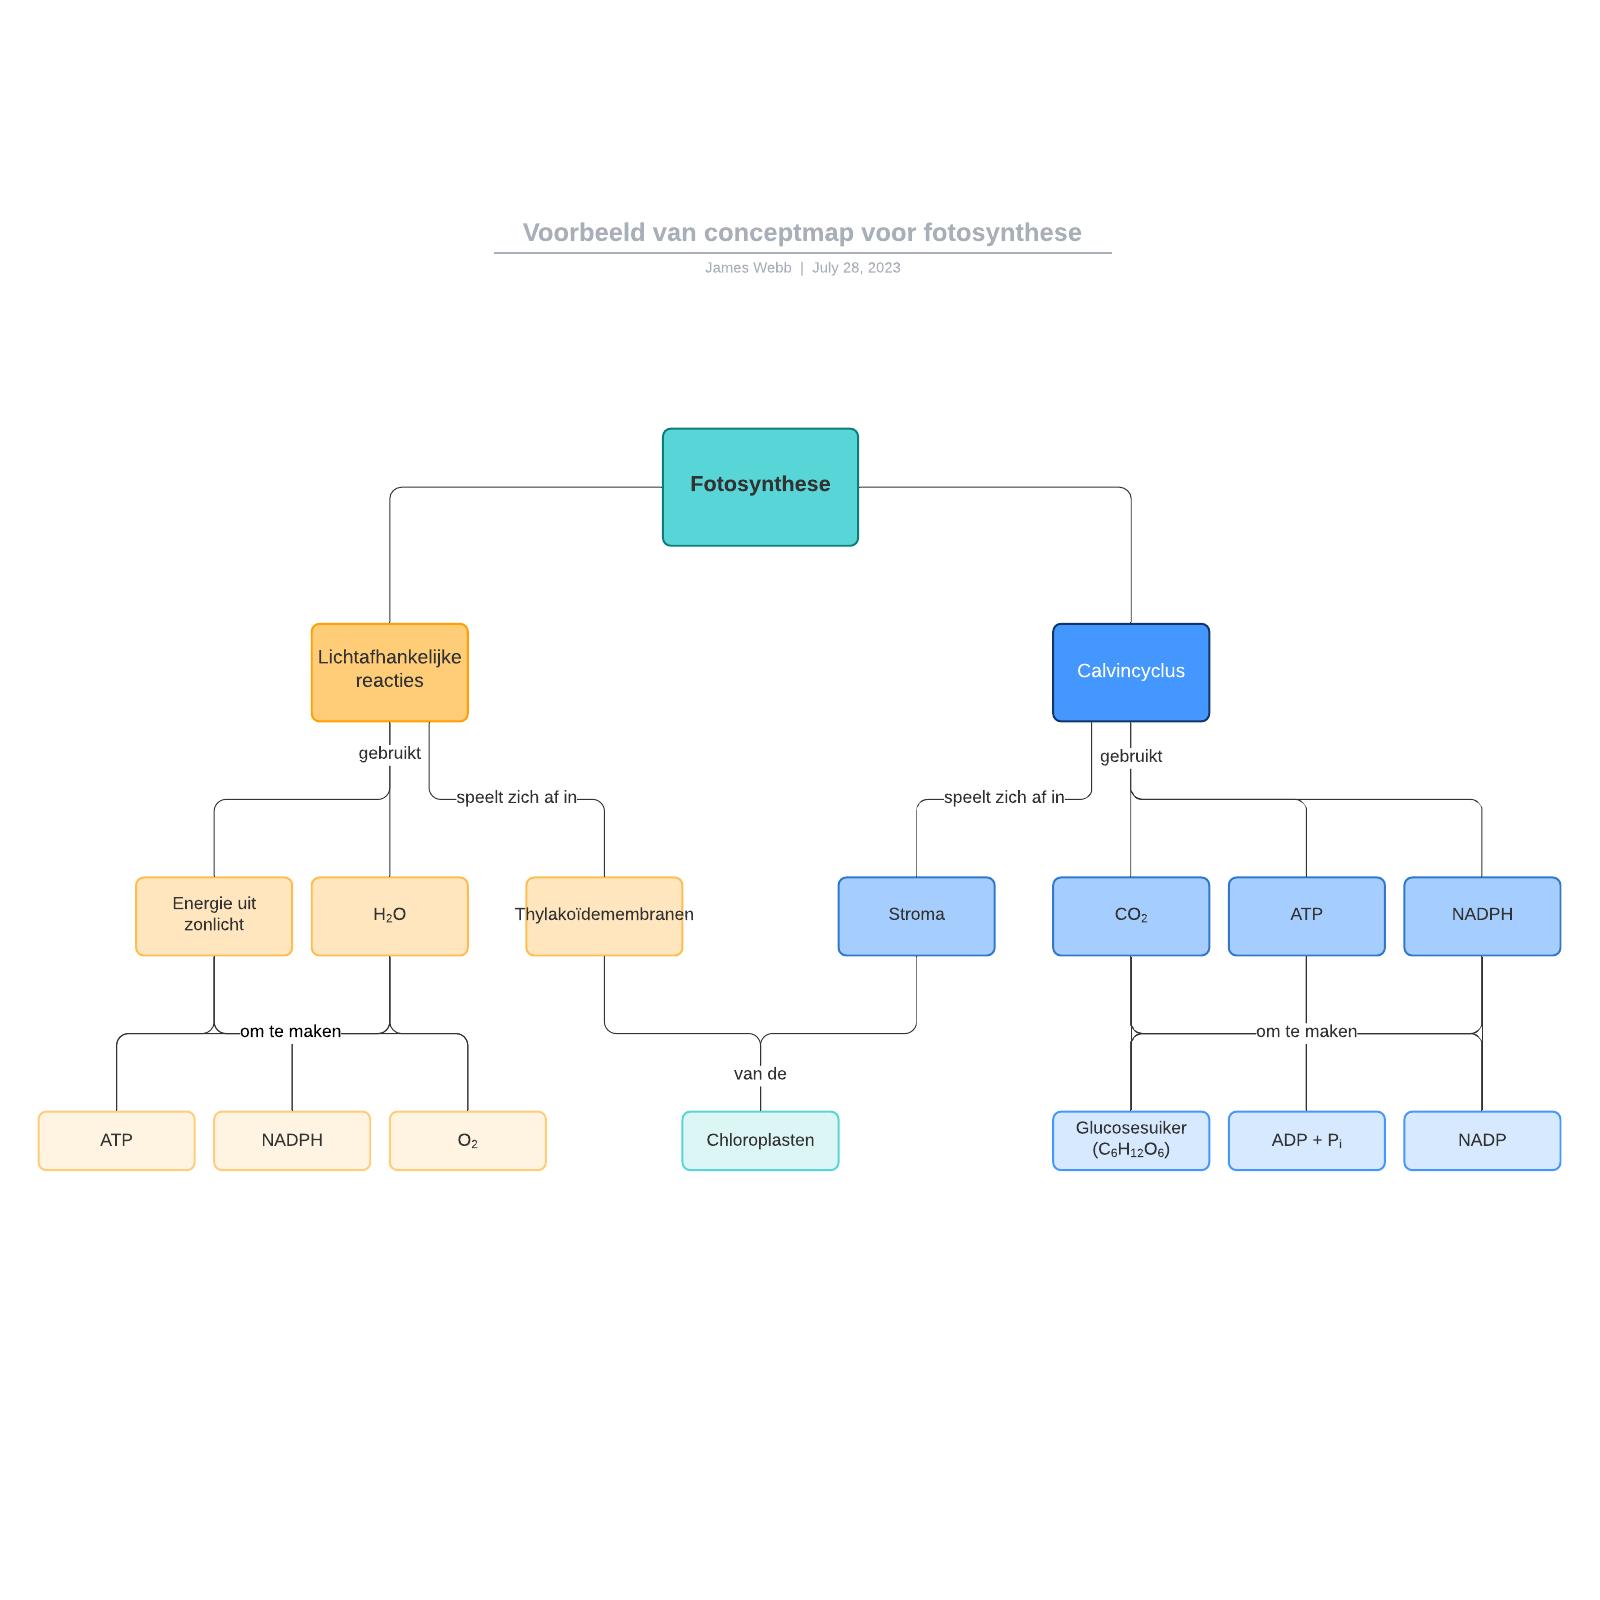 Voorbeeld van conceptmap voor fotosynthese